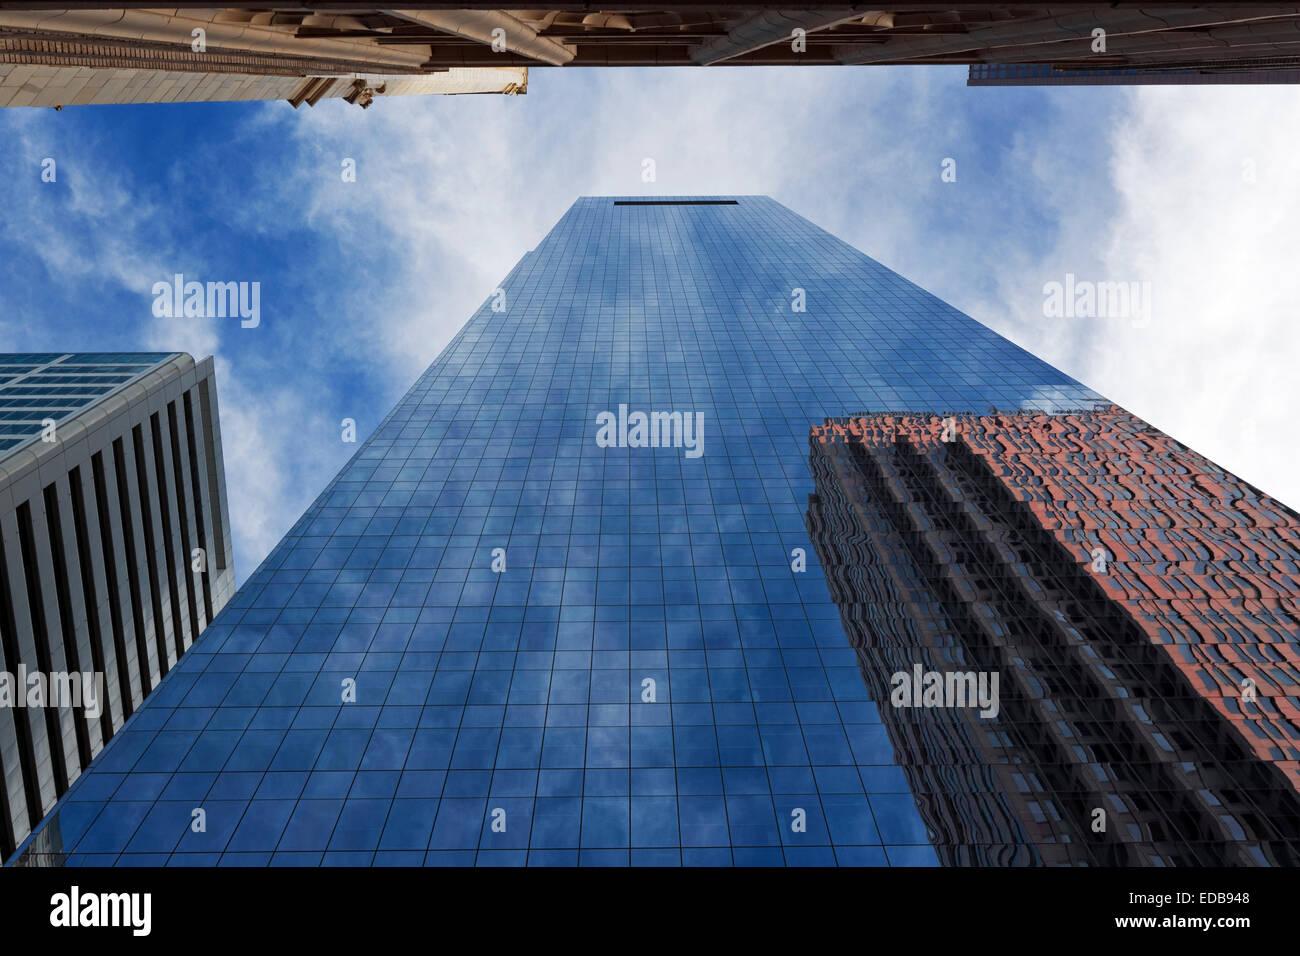 Edificio per uffici di riflessioni, Philadelphia, Pennsylvania Immagini Stock